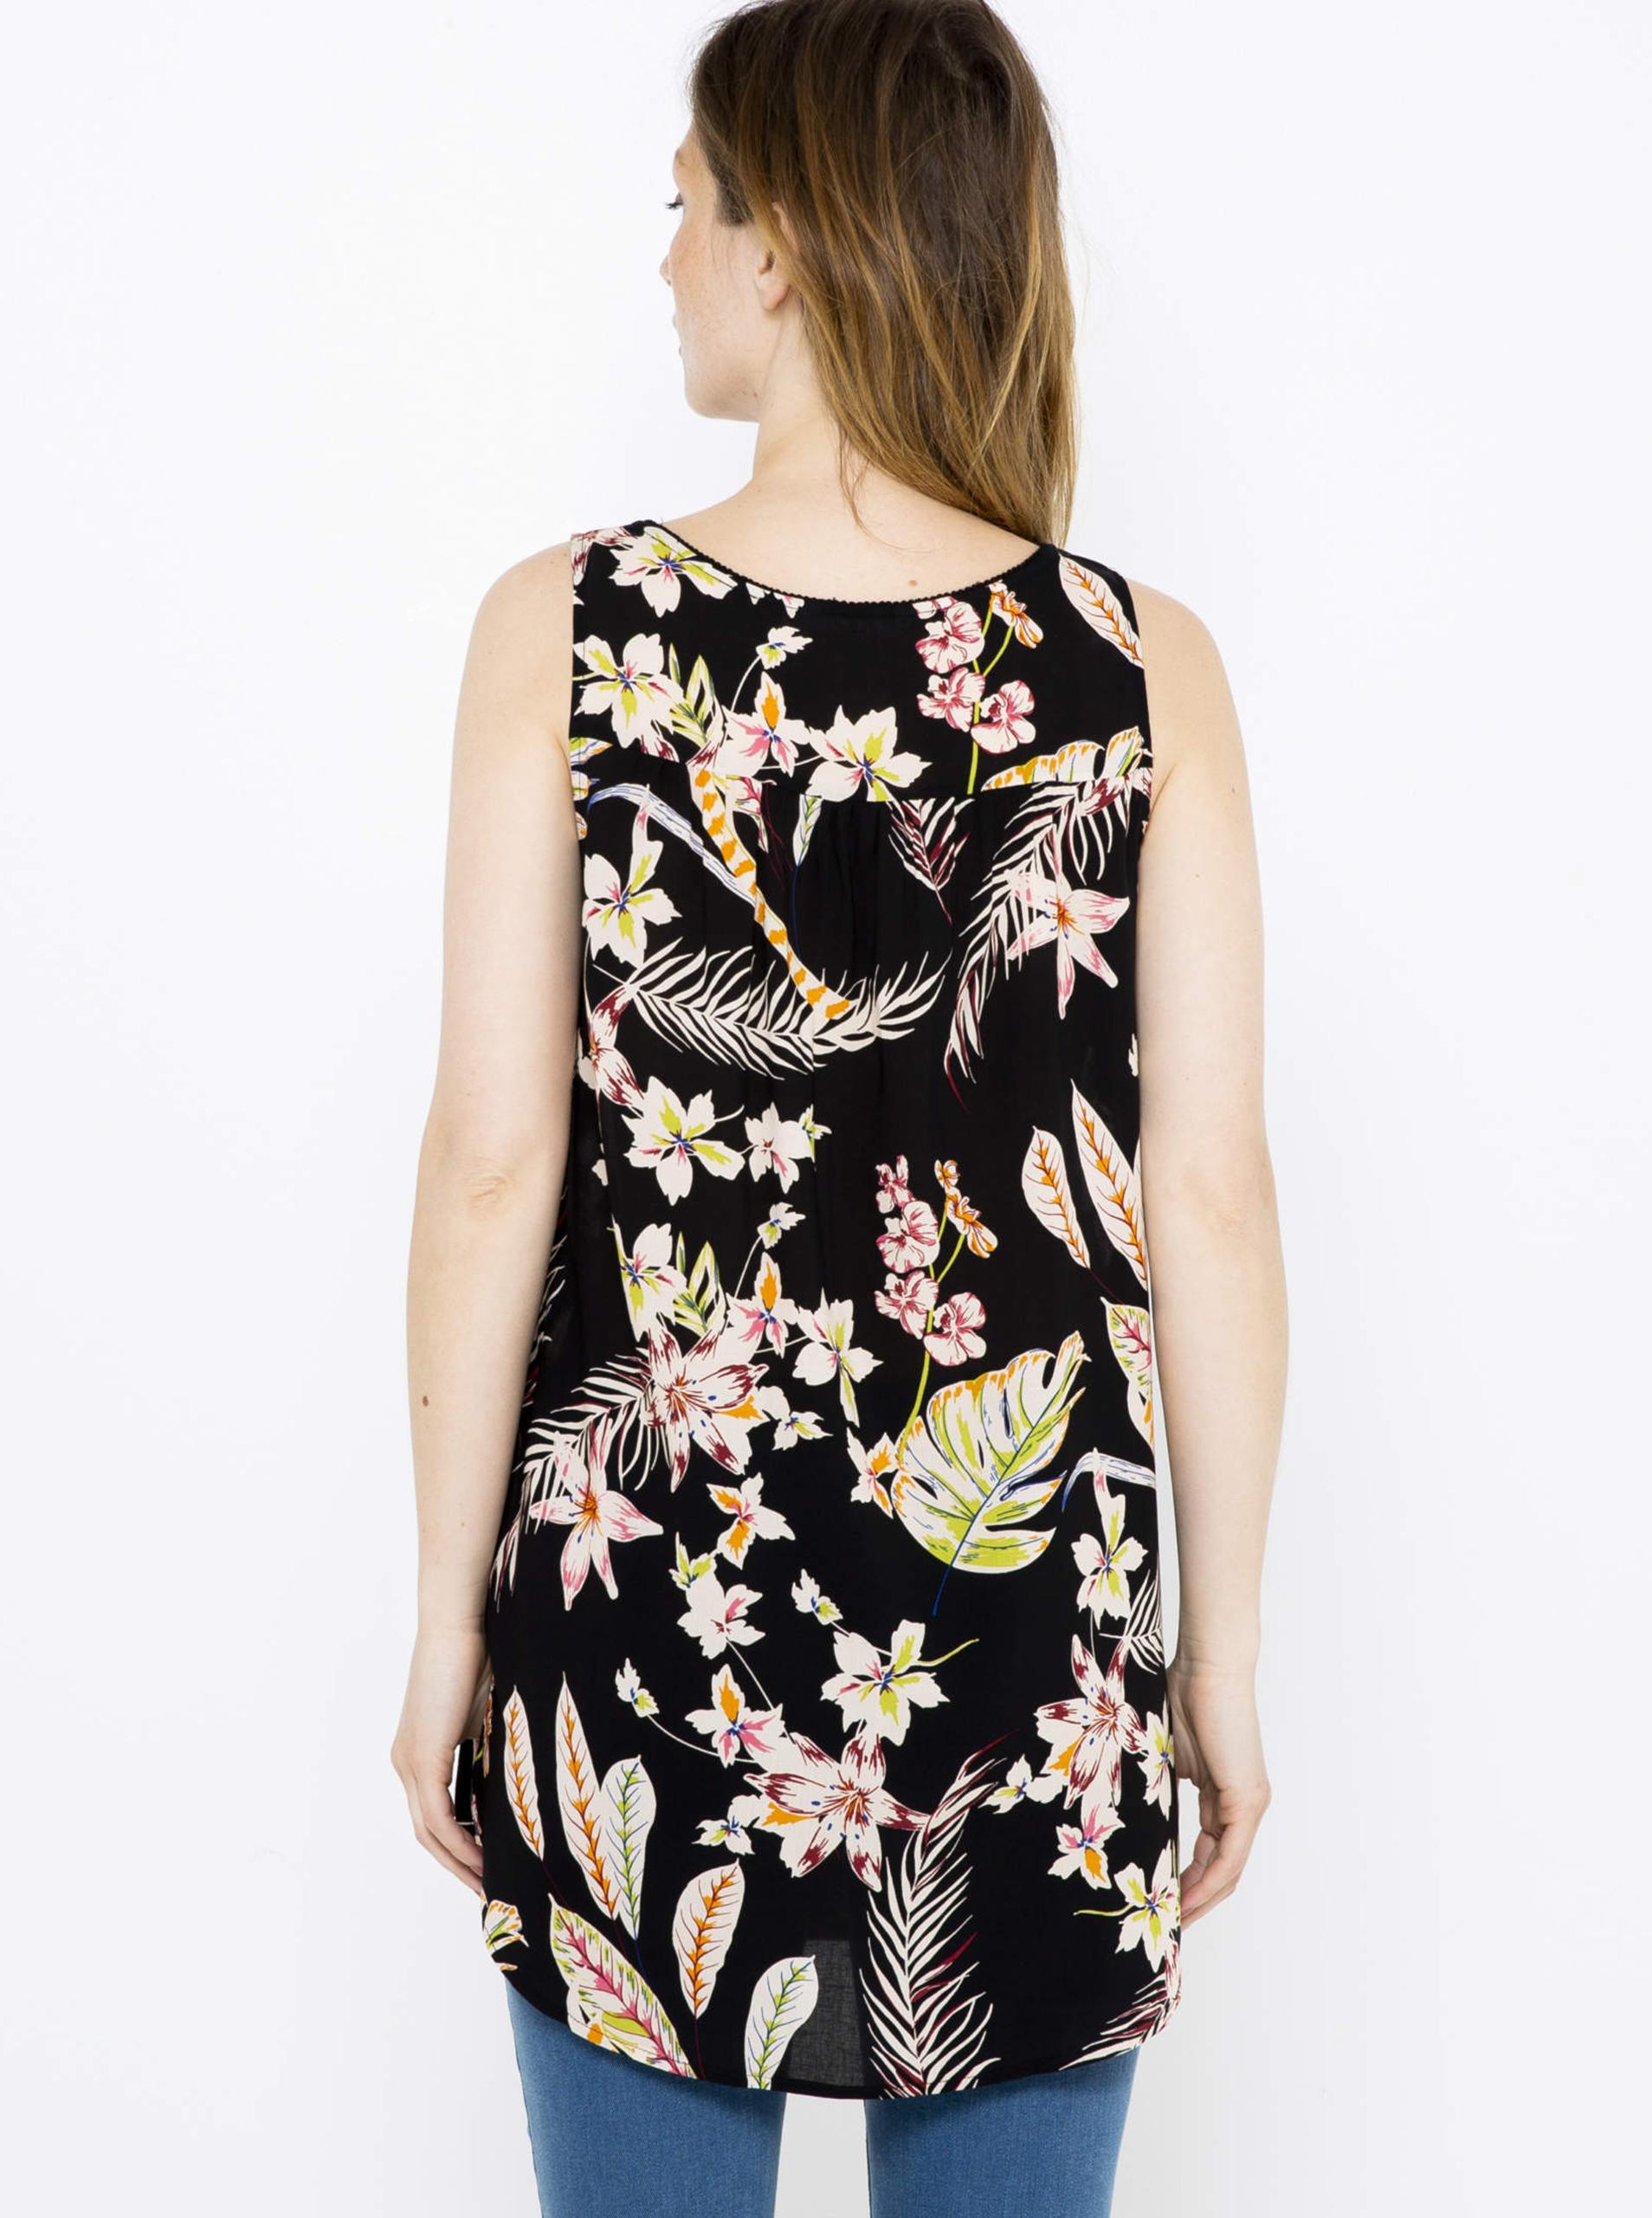 CAMAIEU black top with floral motif